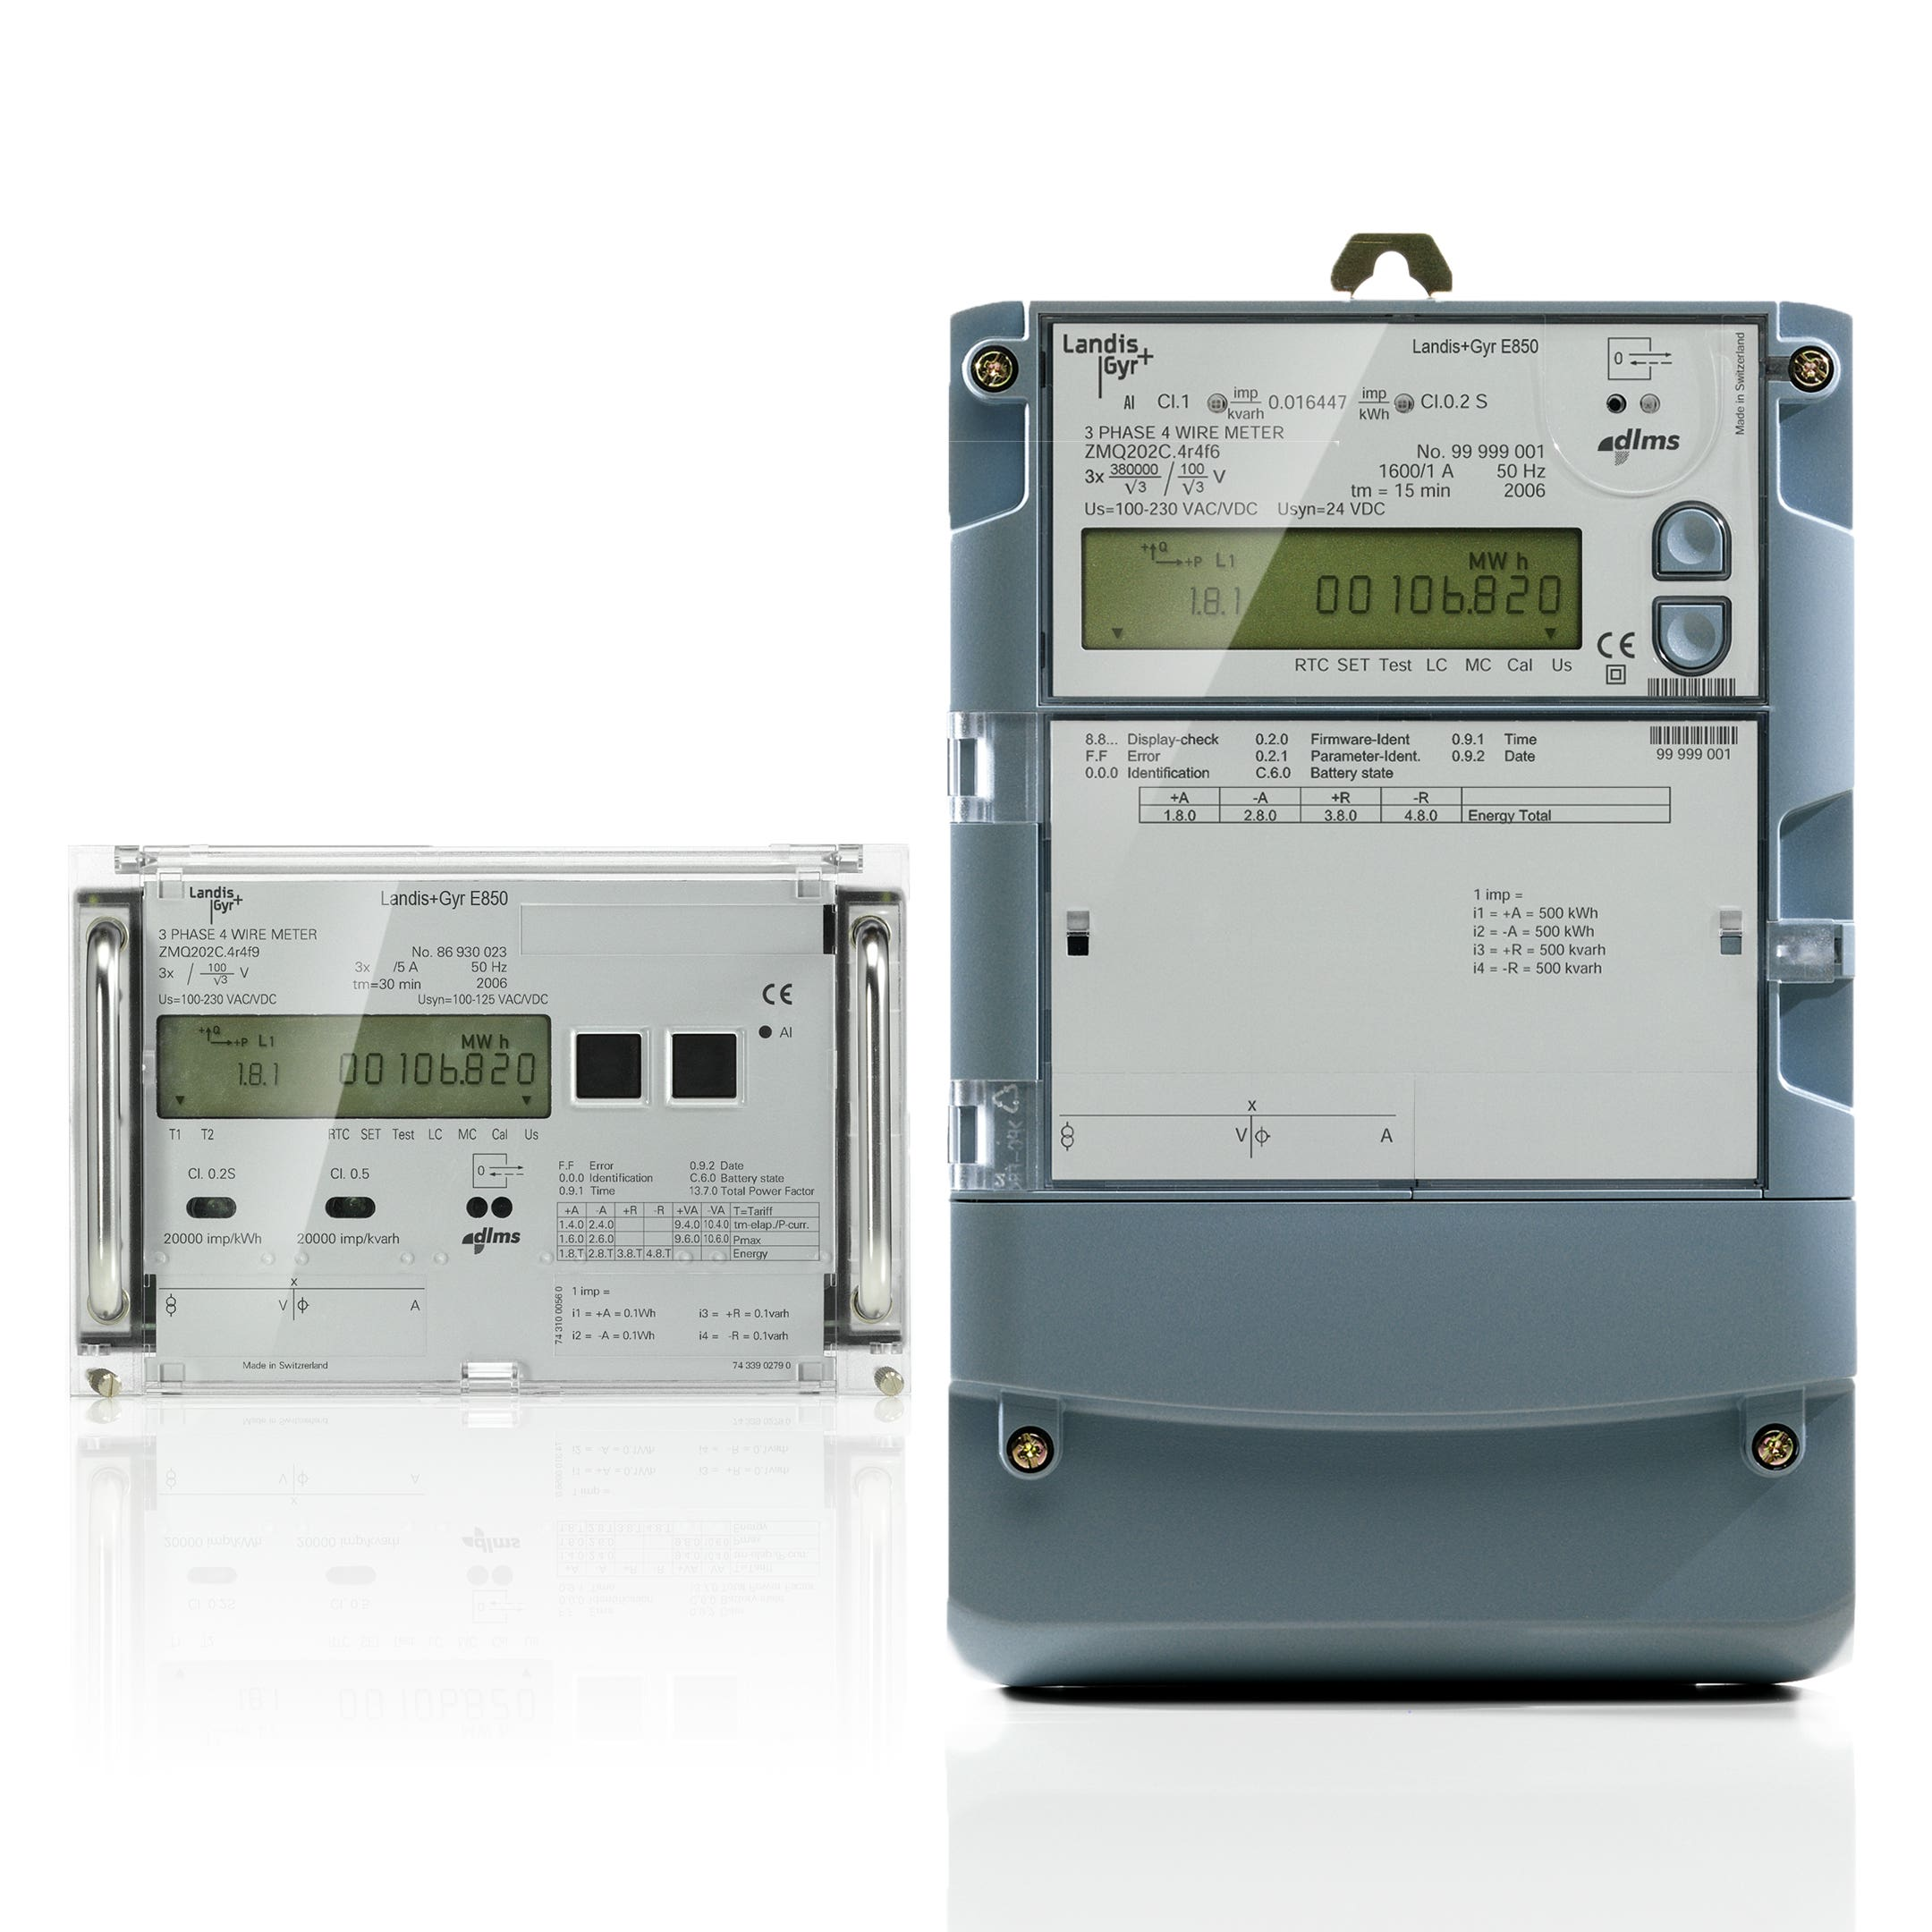 Measuring & Metering Device